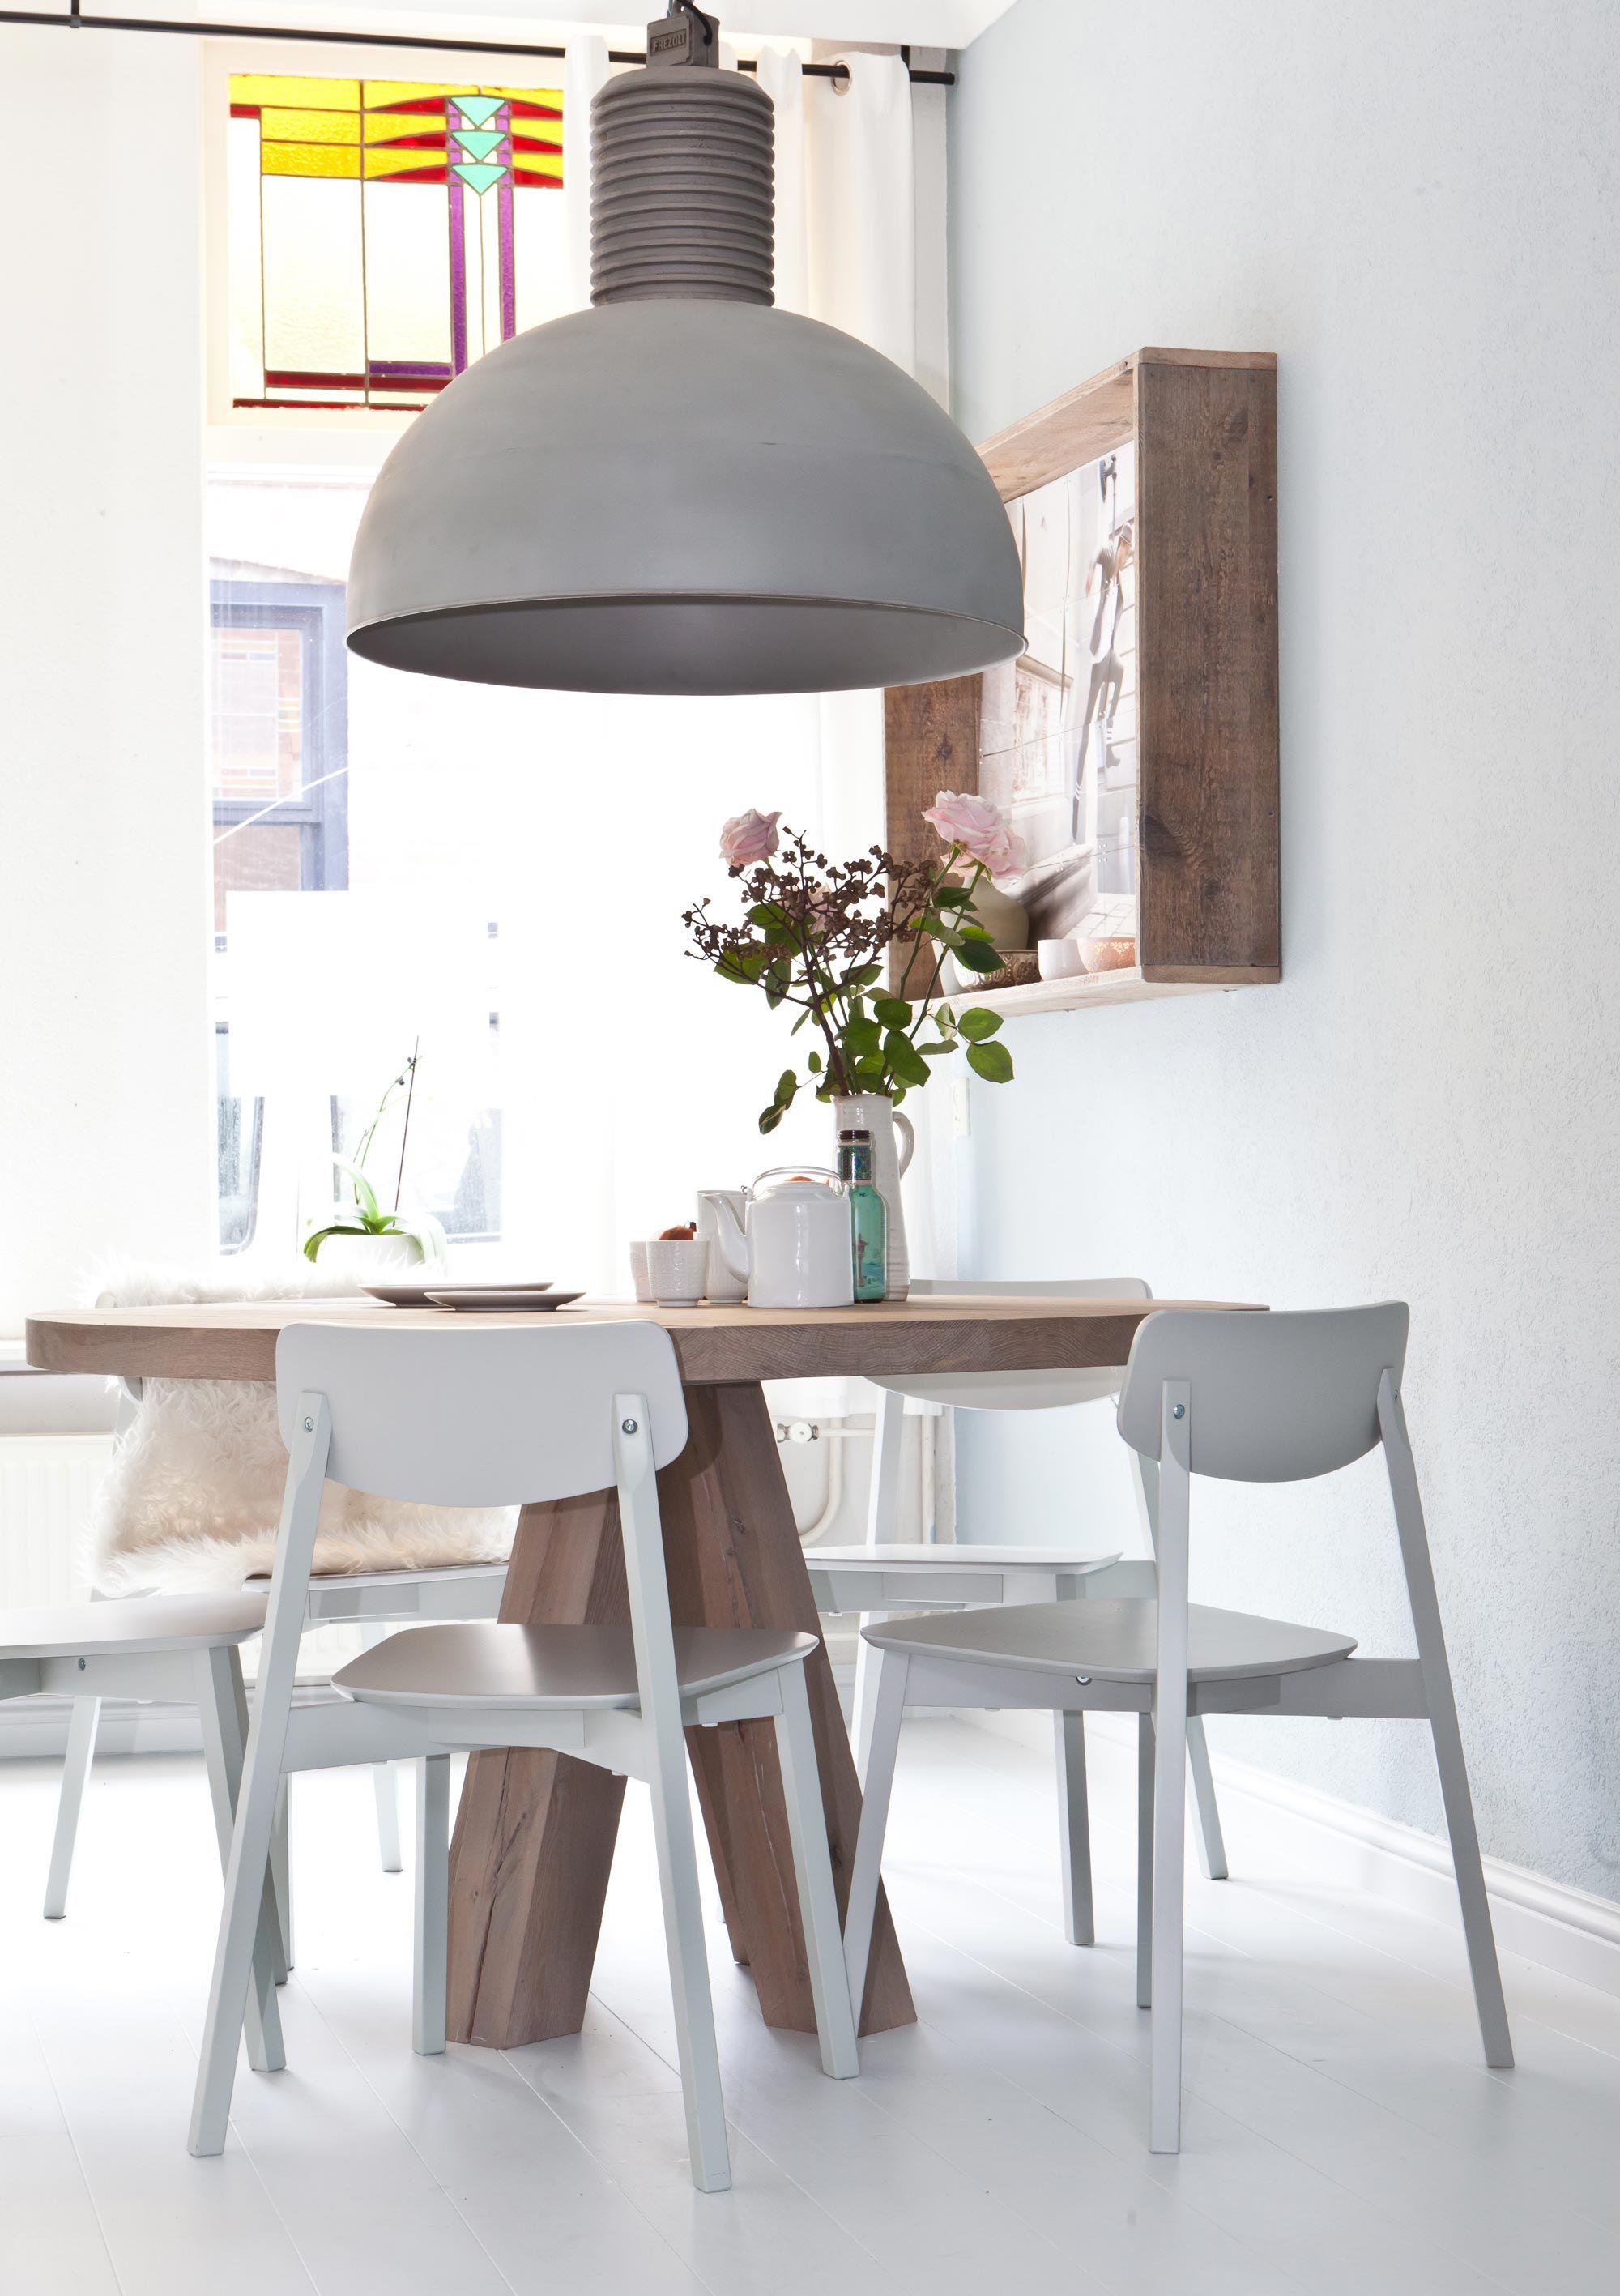 Bekend toffe lamp, stoer houten tafel en muur-ding industrieel lamp @KY51